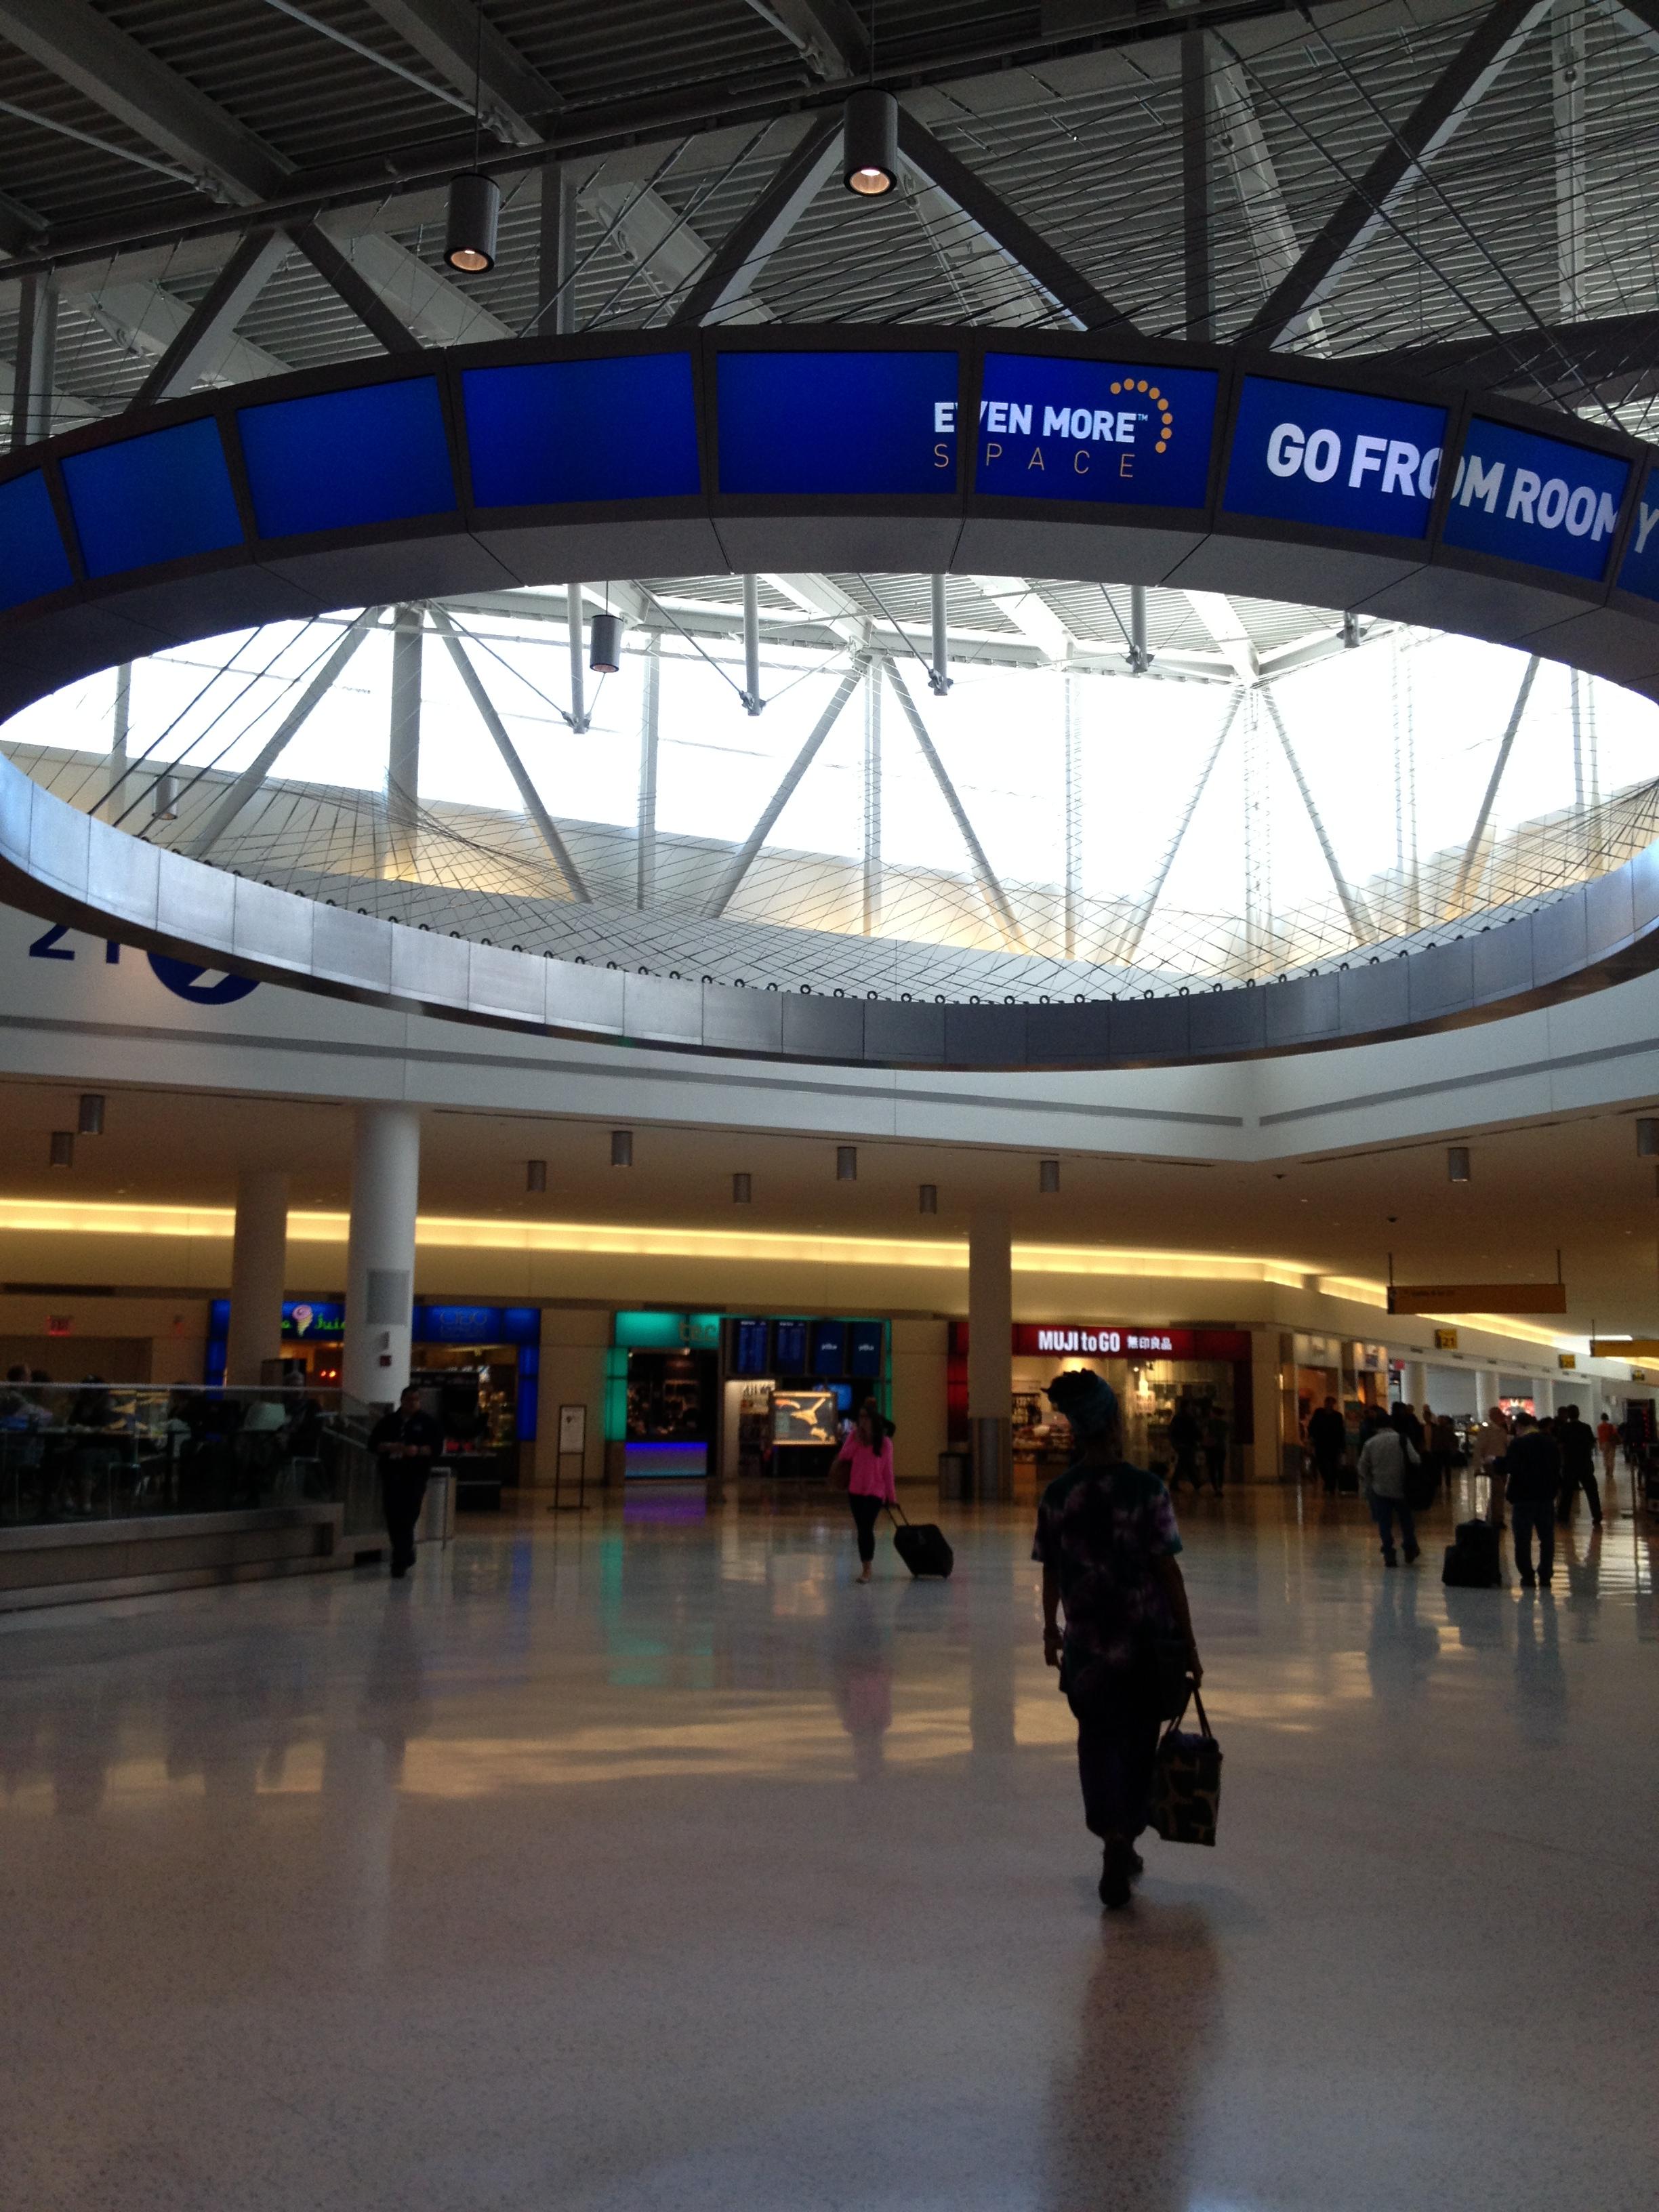 The main atrium in JetBlue's JFK terminal.